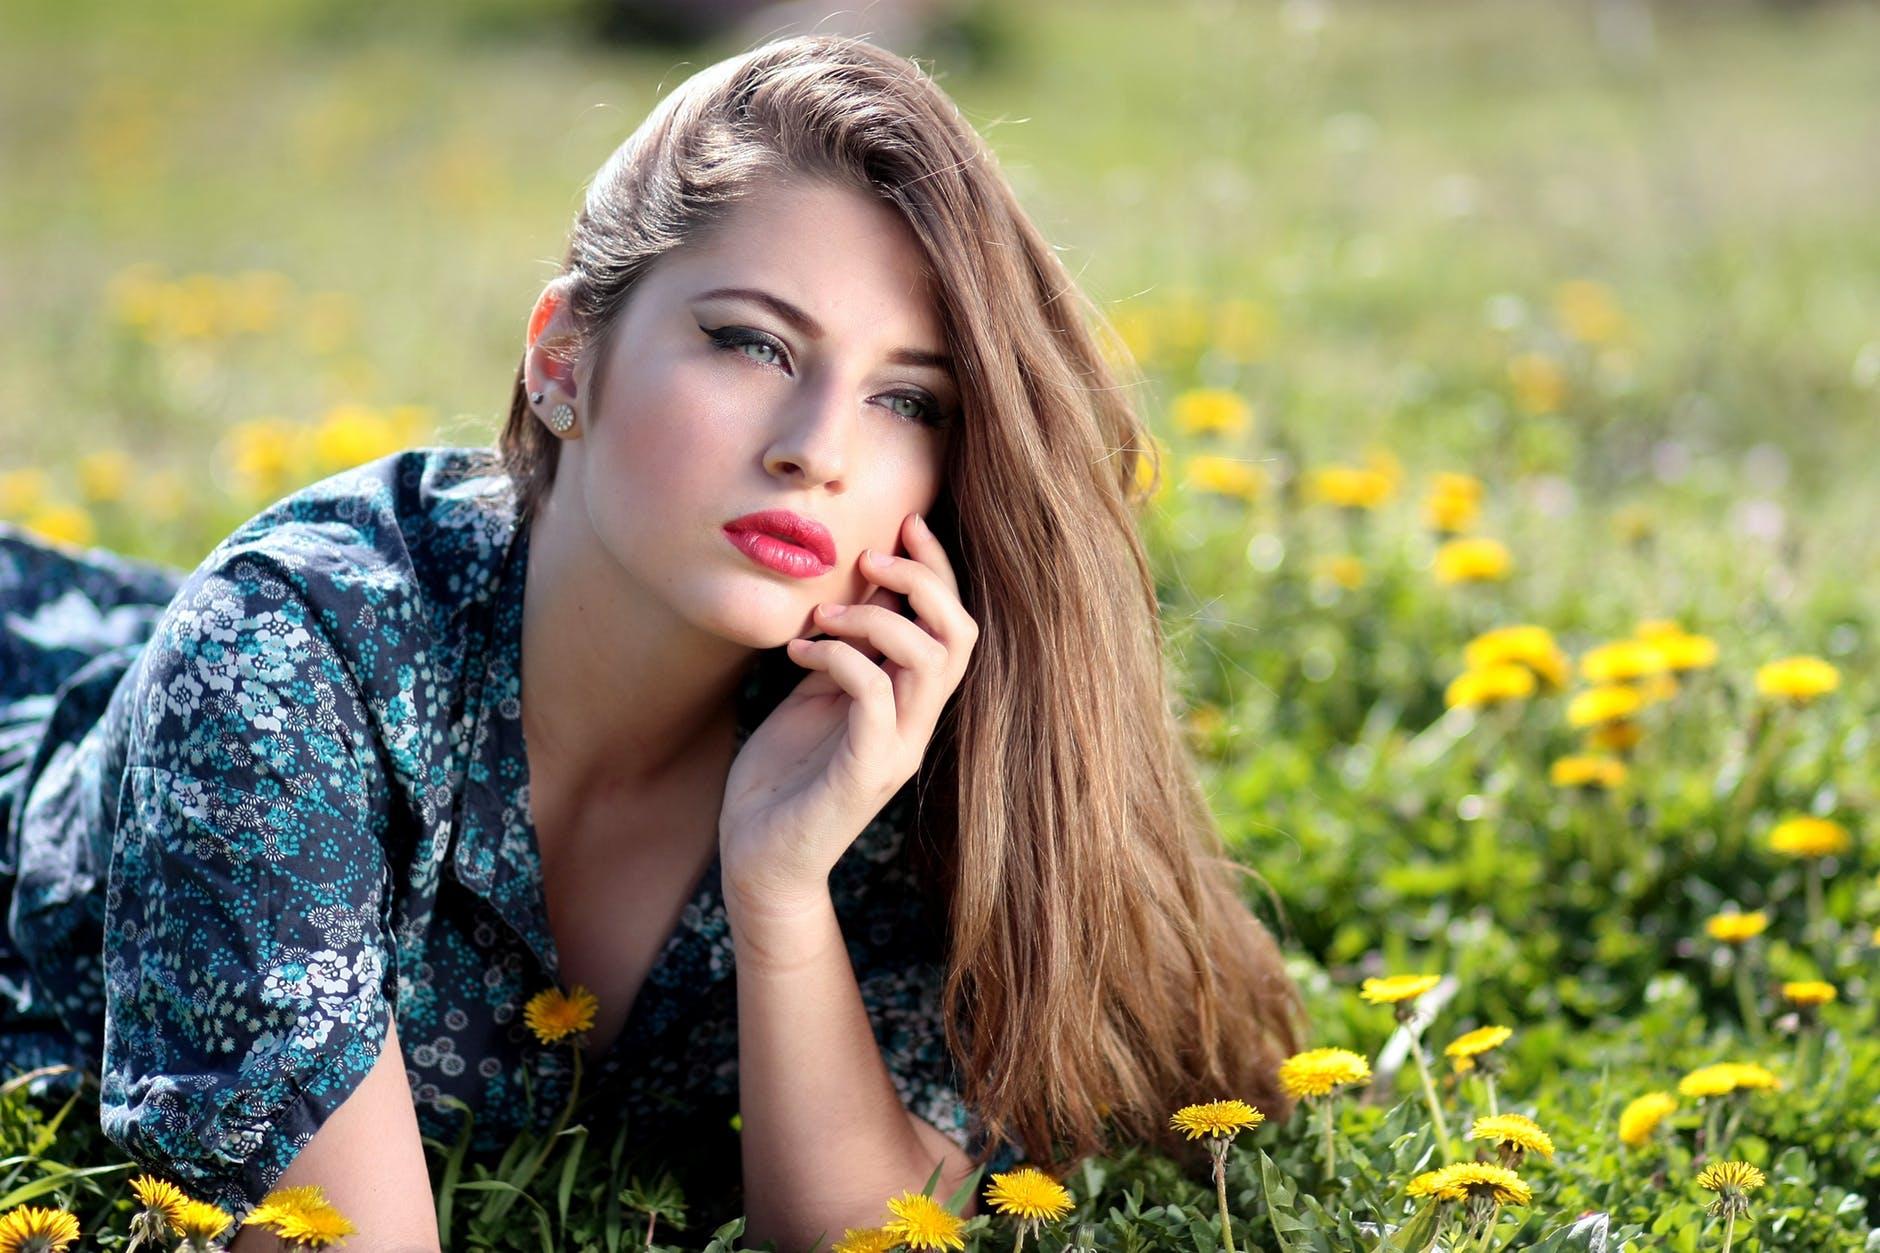 girl-dandelion-yellow-flowers-160699.jpeg